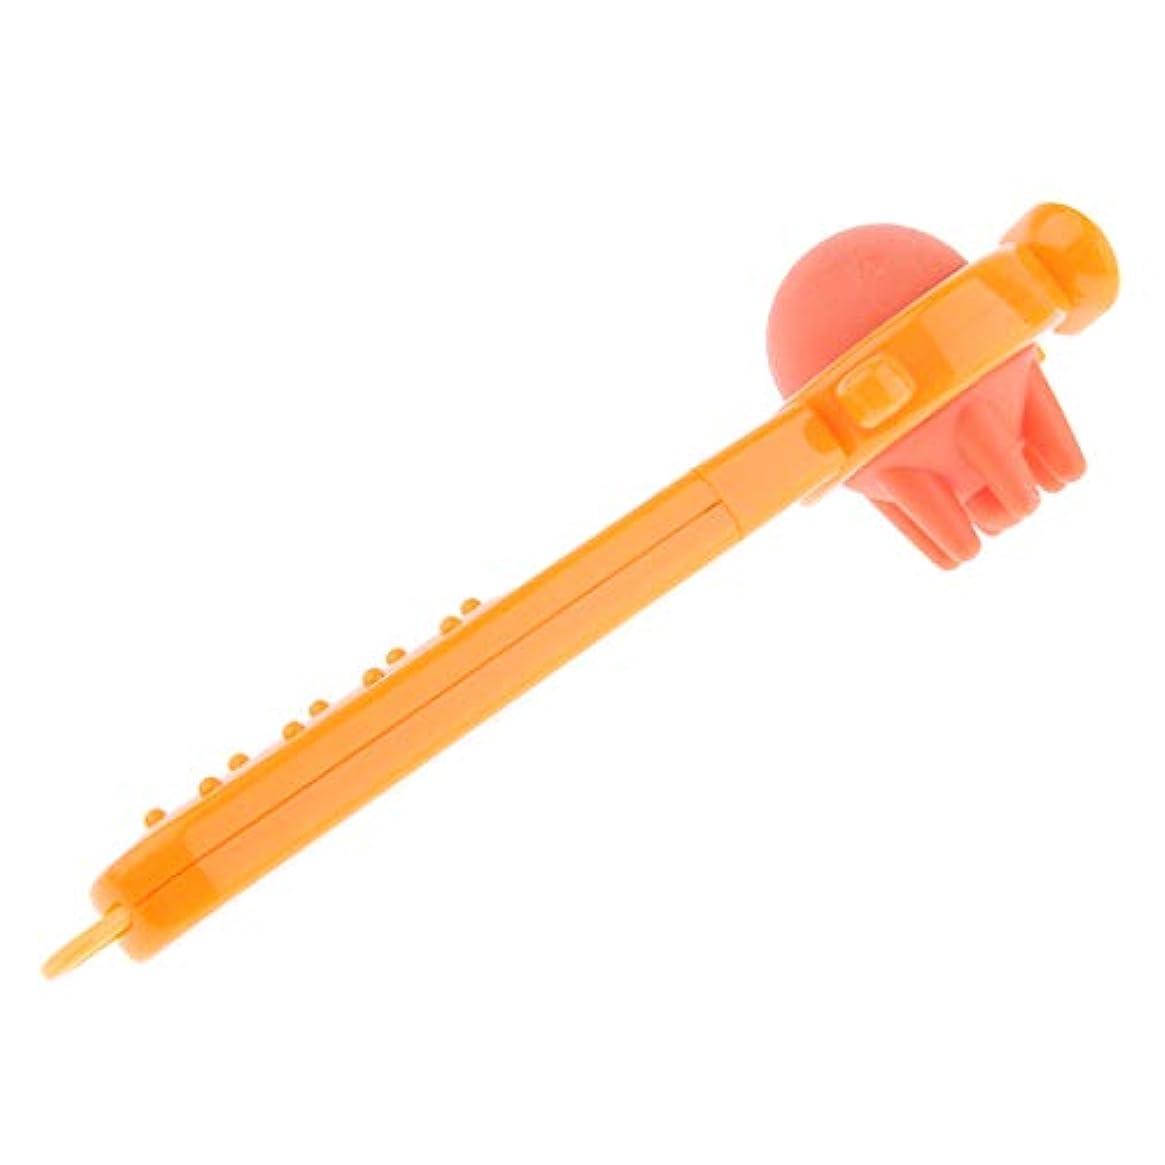 ランプ半径娘FLAMEER 背中/肩/脚/腕/筋肉 大人気 ツボ押しグッズ マッサージ ハンマー スティック 健康器具 オレンジ